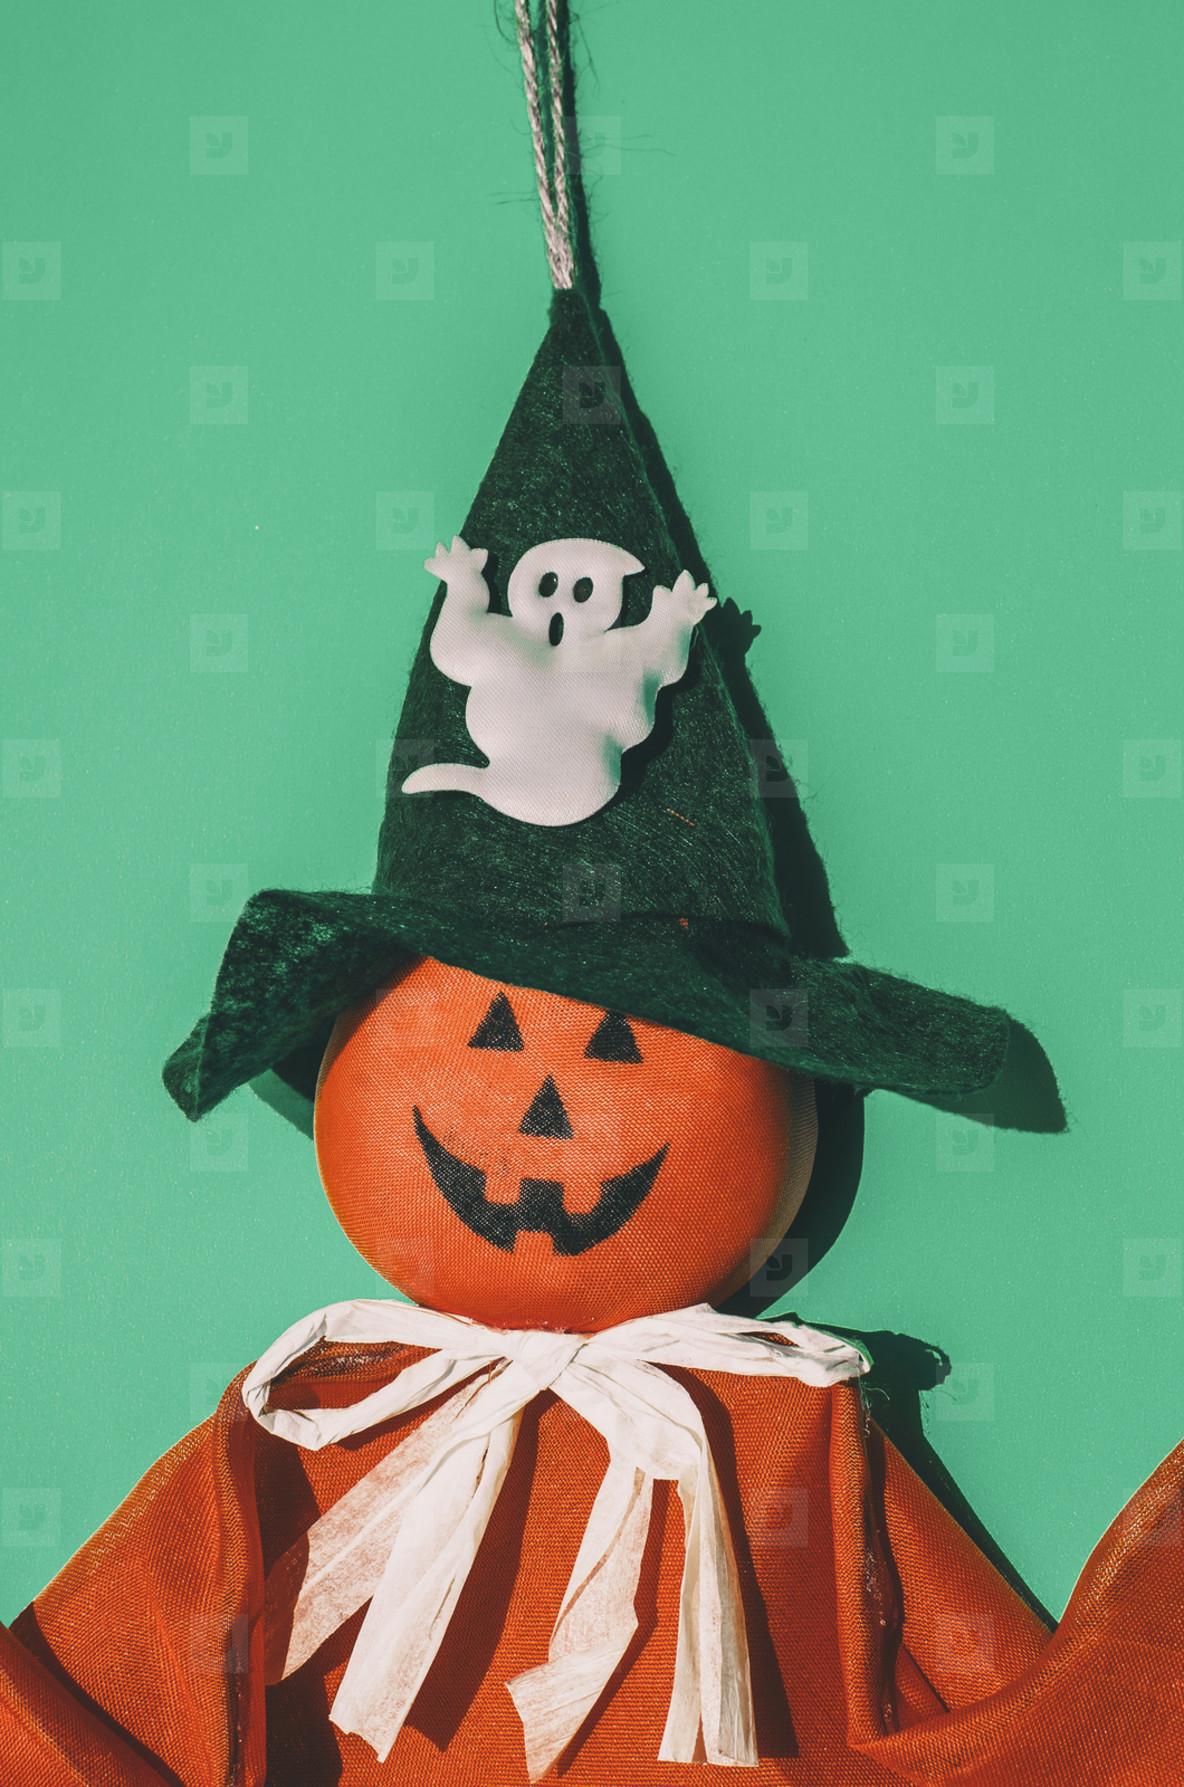 Orange Halloween Pumpkin Toy